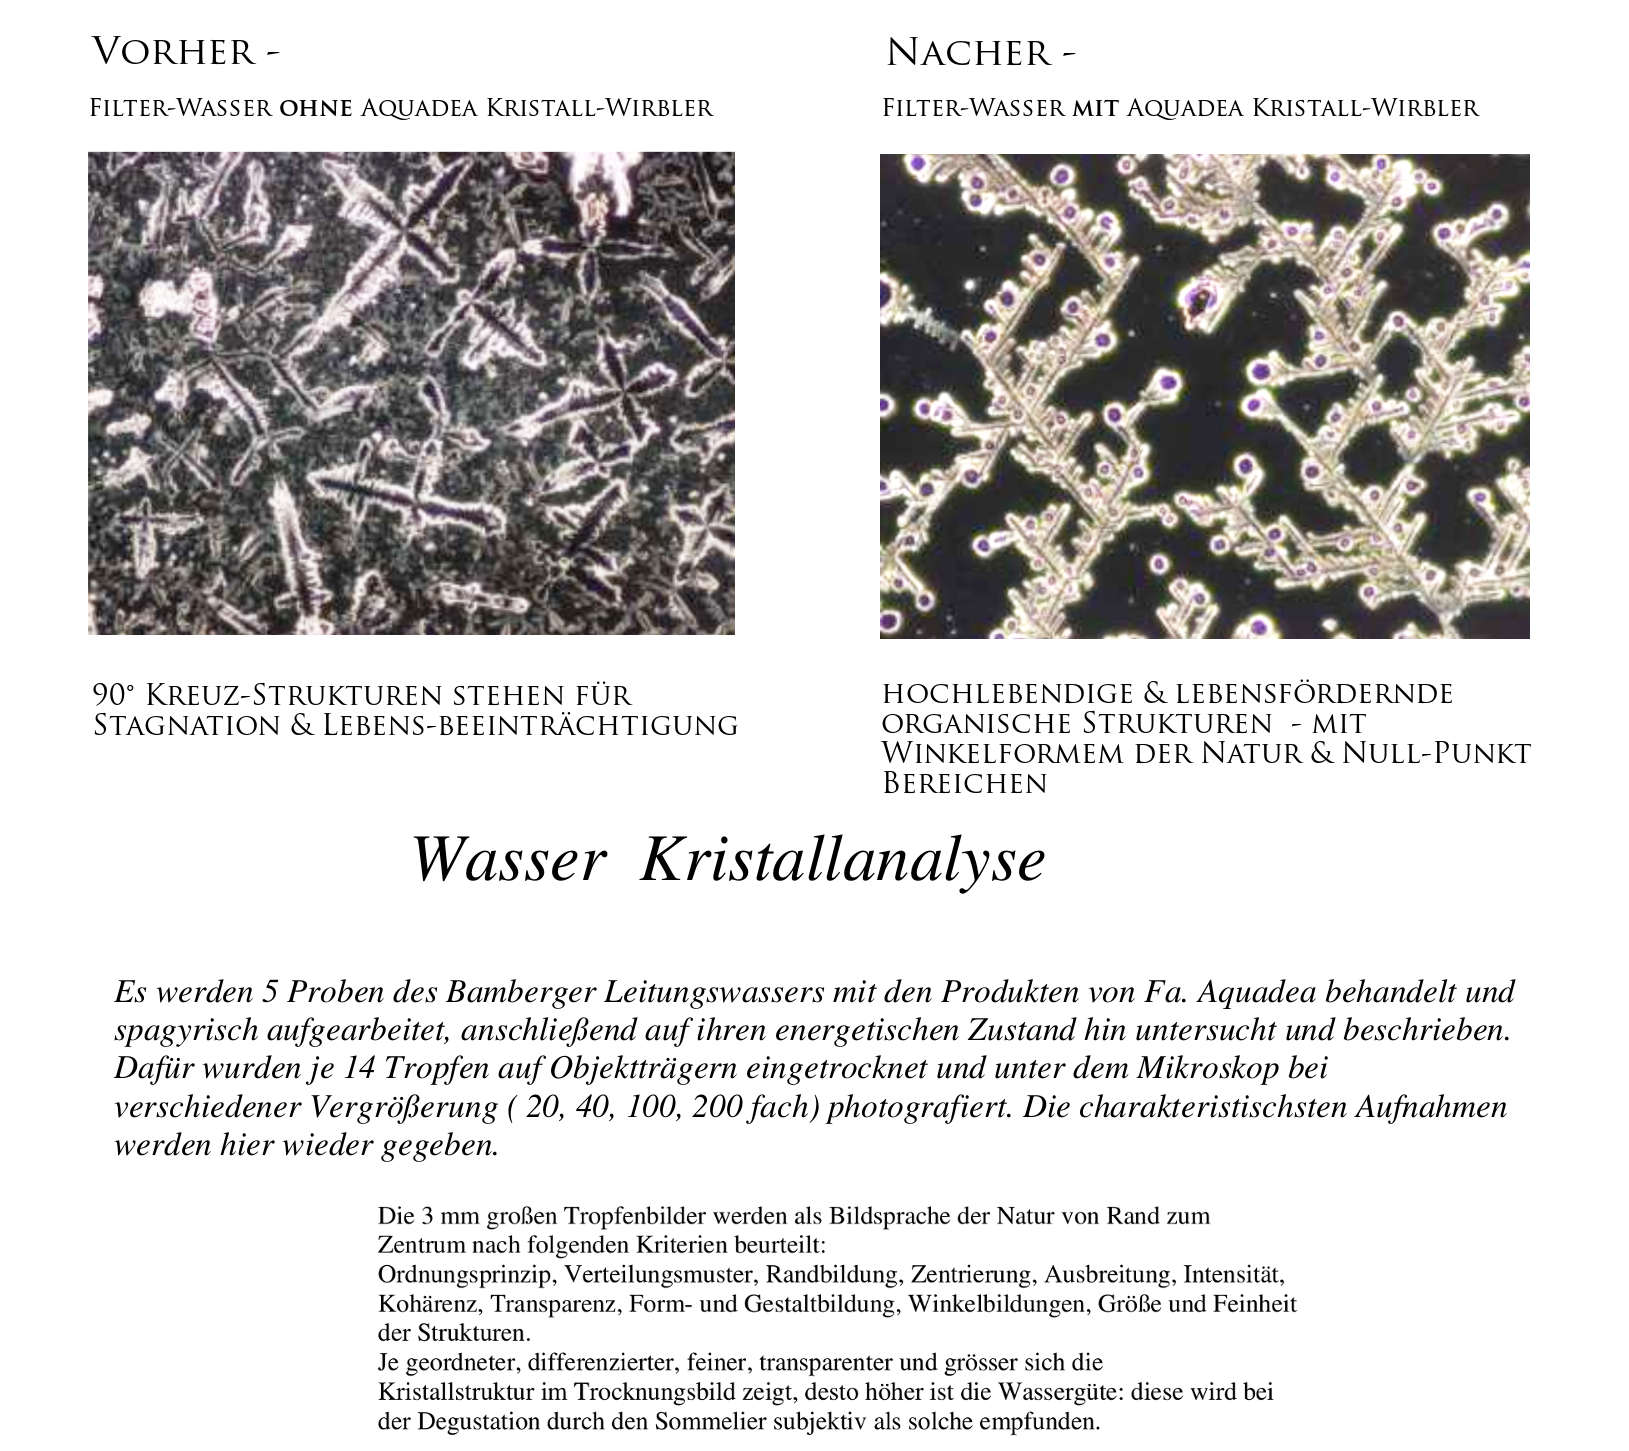 Heilwasser aquadea